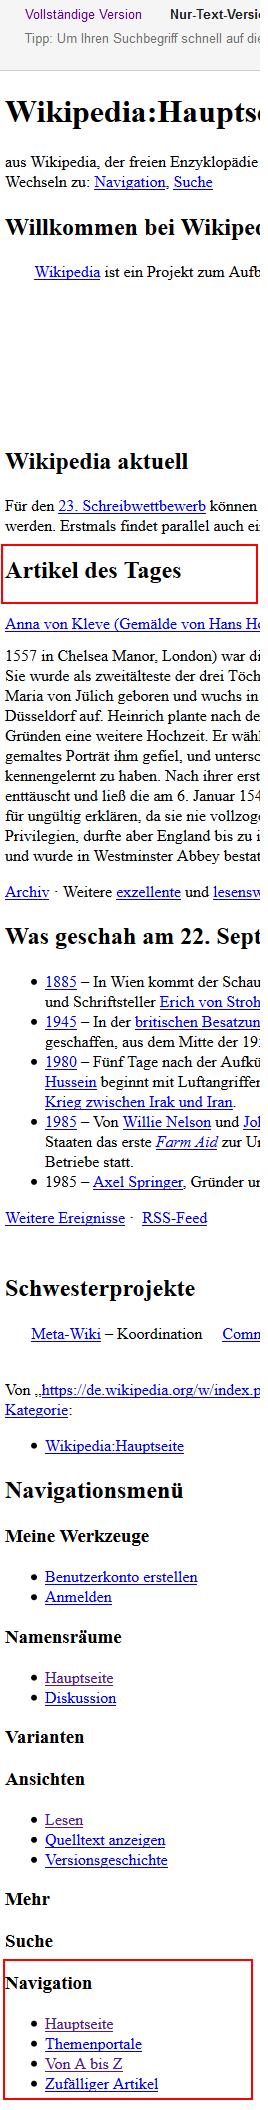 google-cache-wikipedia-text-version